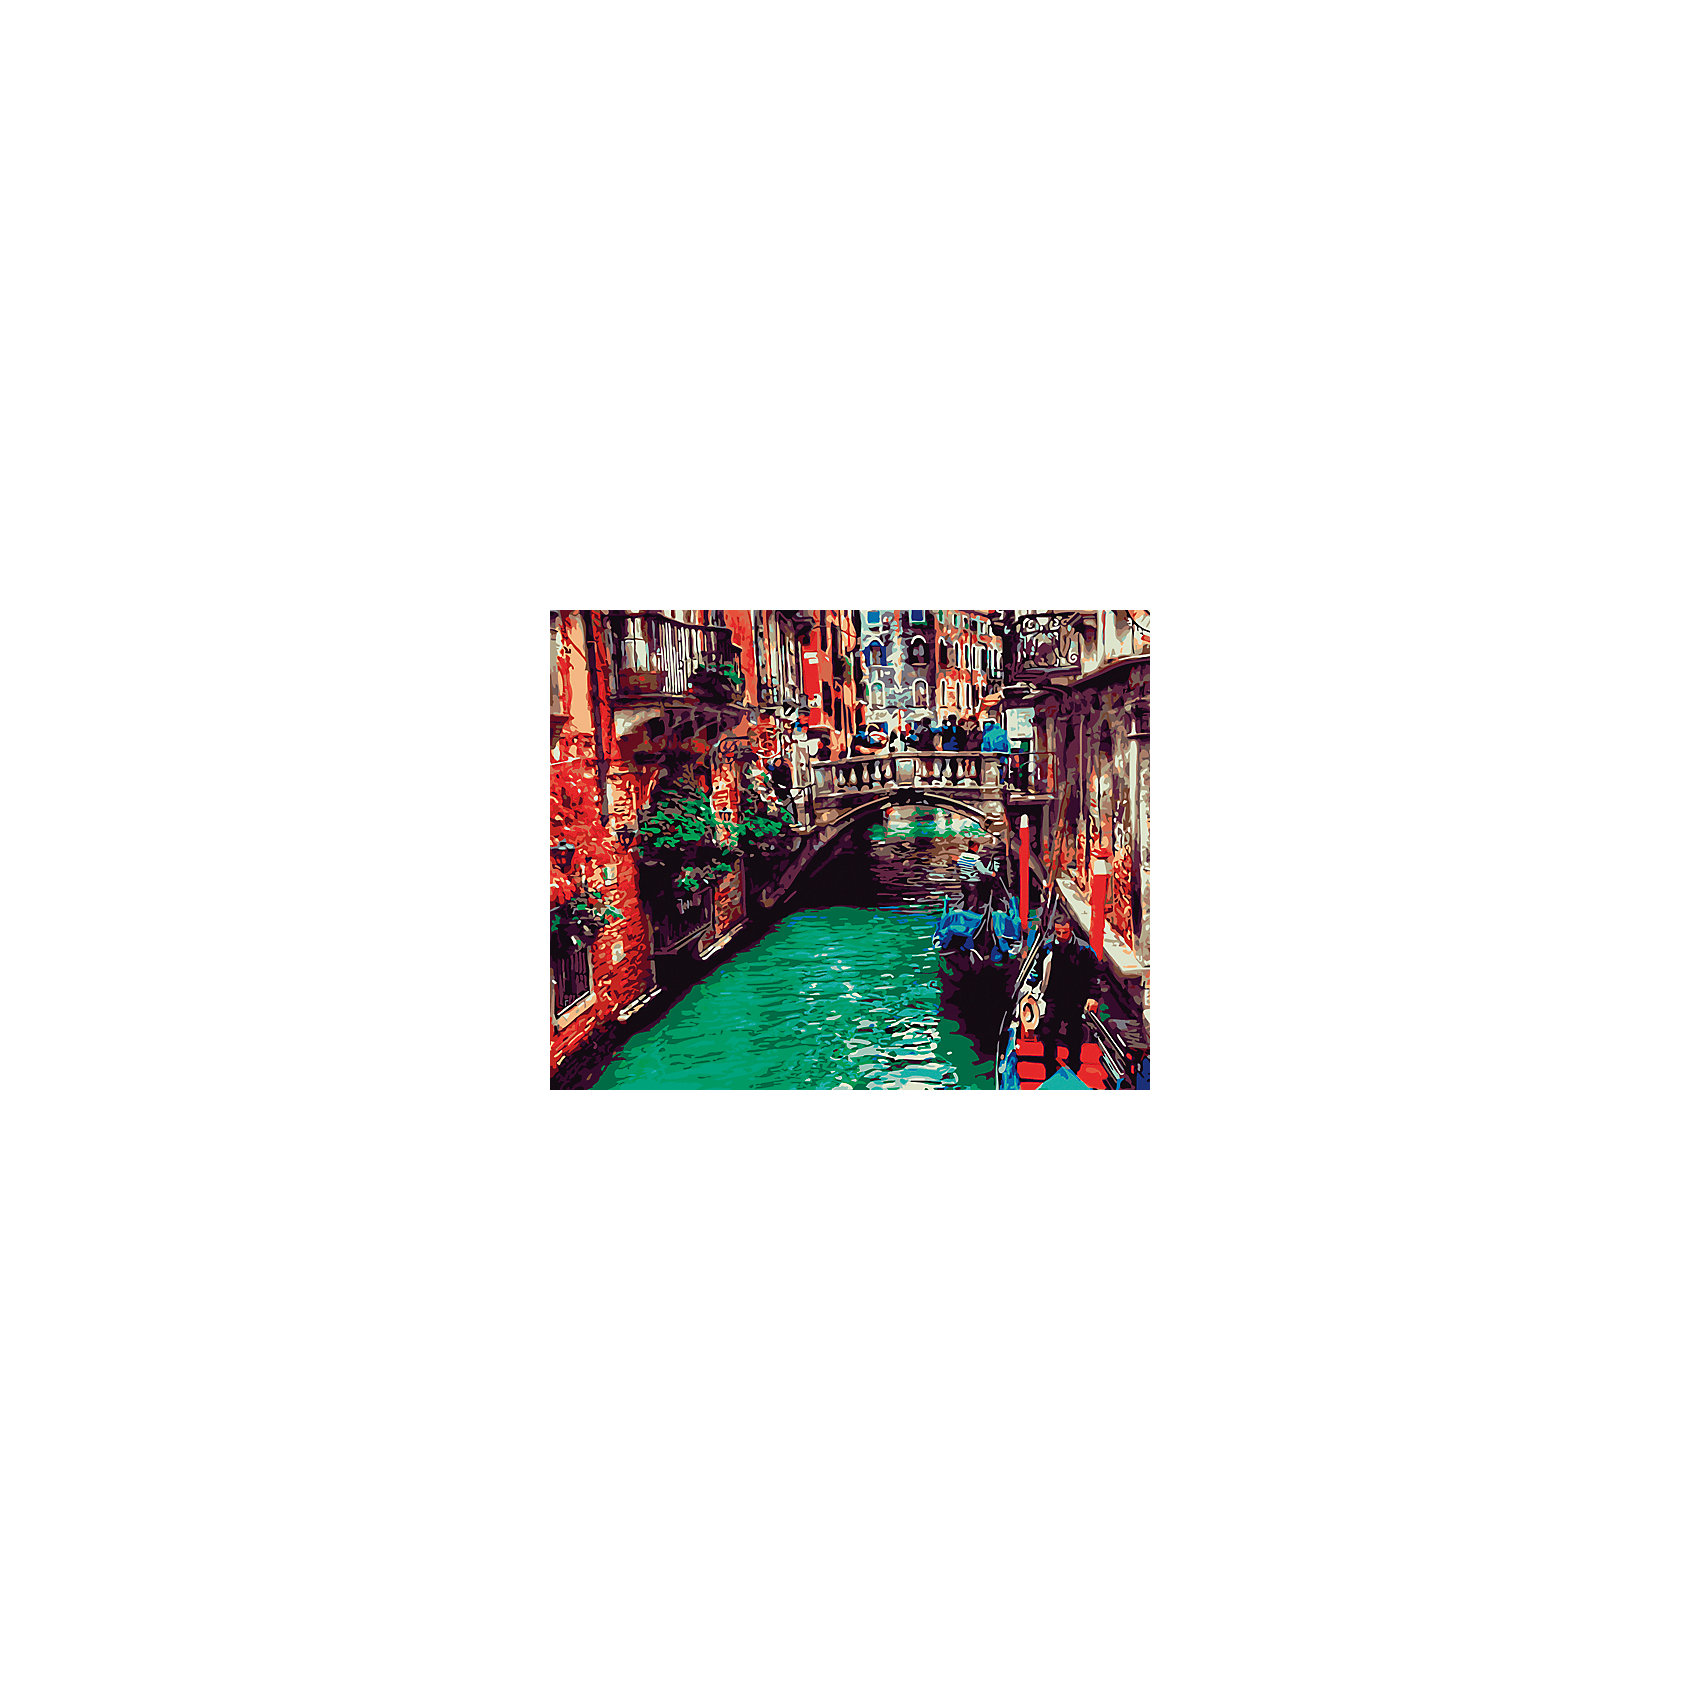 Холст с красками по номерам Канал в Венеции 40х50 смРаскраски по номерам<br>замечательные наборы для создания уникального шедевра изобразительного искусства. Создание картин на специально подготовленной рабочей поверхности – это уникальная техника, позволяющая делать Ваши шедевры более яркими и реалистичными. Просто нанесите мазки на уже готовый эскиз и оживите картину! Готовые изделия могут стать украшением интерьера или прекрасным подарком близким и друзьям.<br><br>Ширина мм: 510<br>Глубина мм: 410<br>Высота мм: 25<br>Вес г: 900<br>Возраст от месяцев: 36<br>Возраст до месяцев: 108<br>Пол: Унисекс<br>Возраст: Детский<br>SKU: 5096770